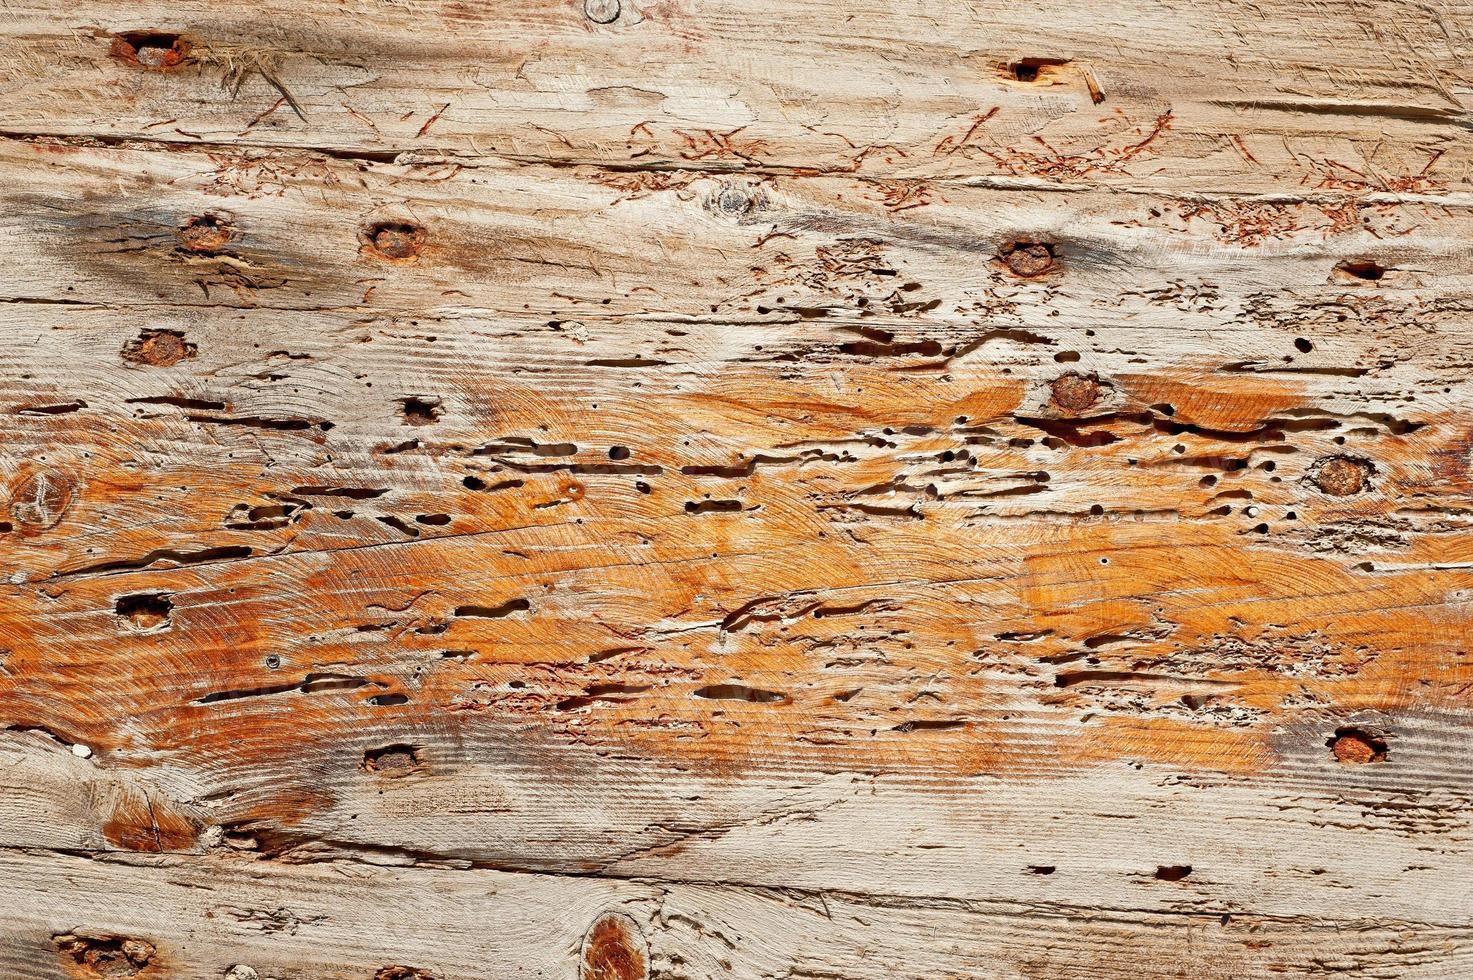 Anobium thomsoni dommages sur bois photo